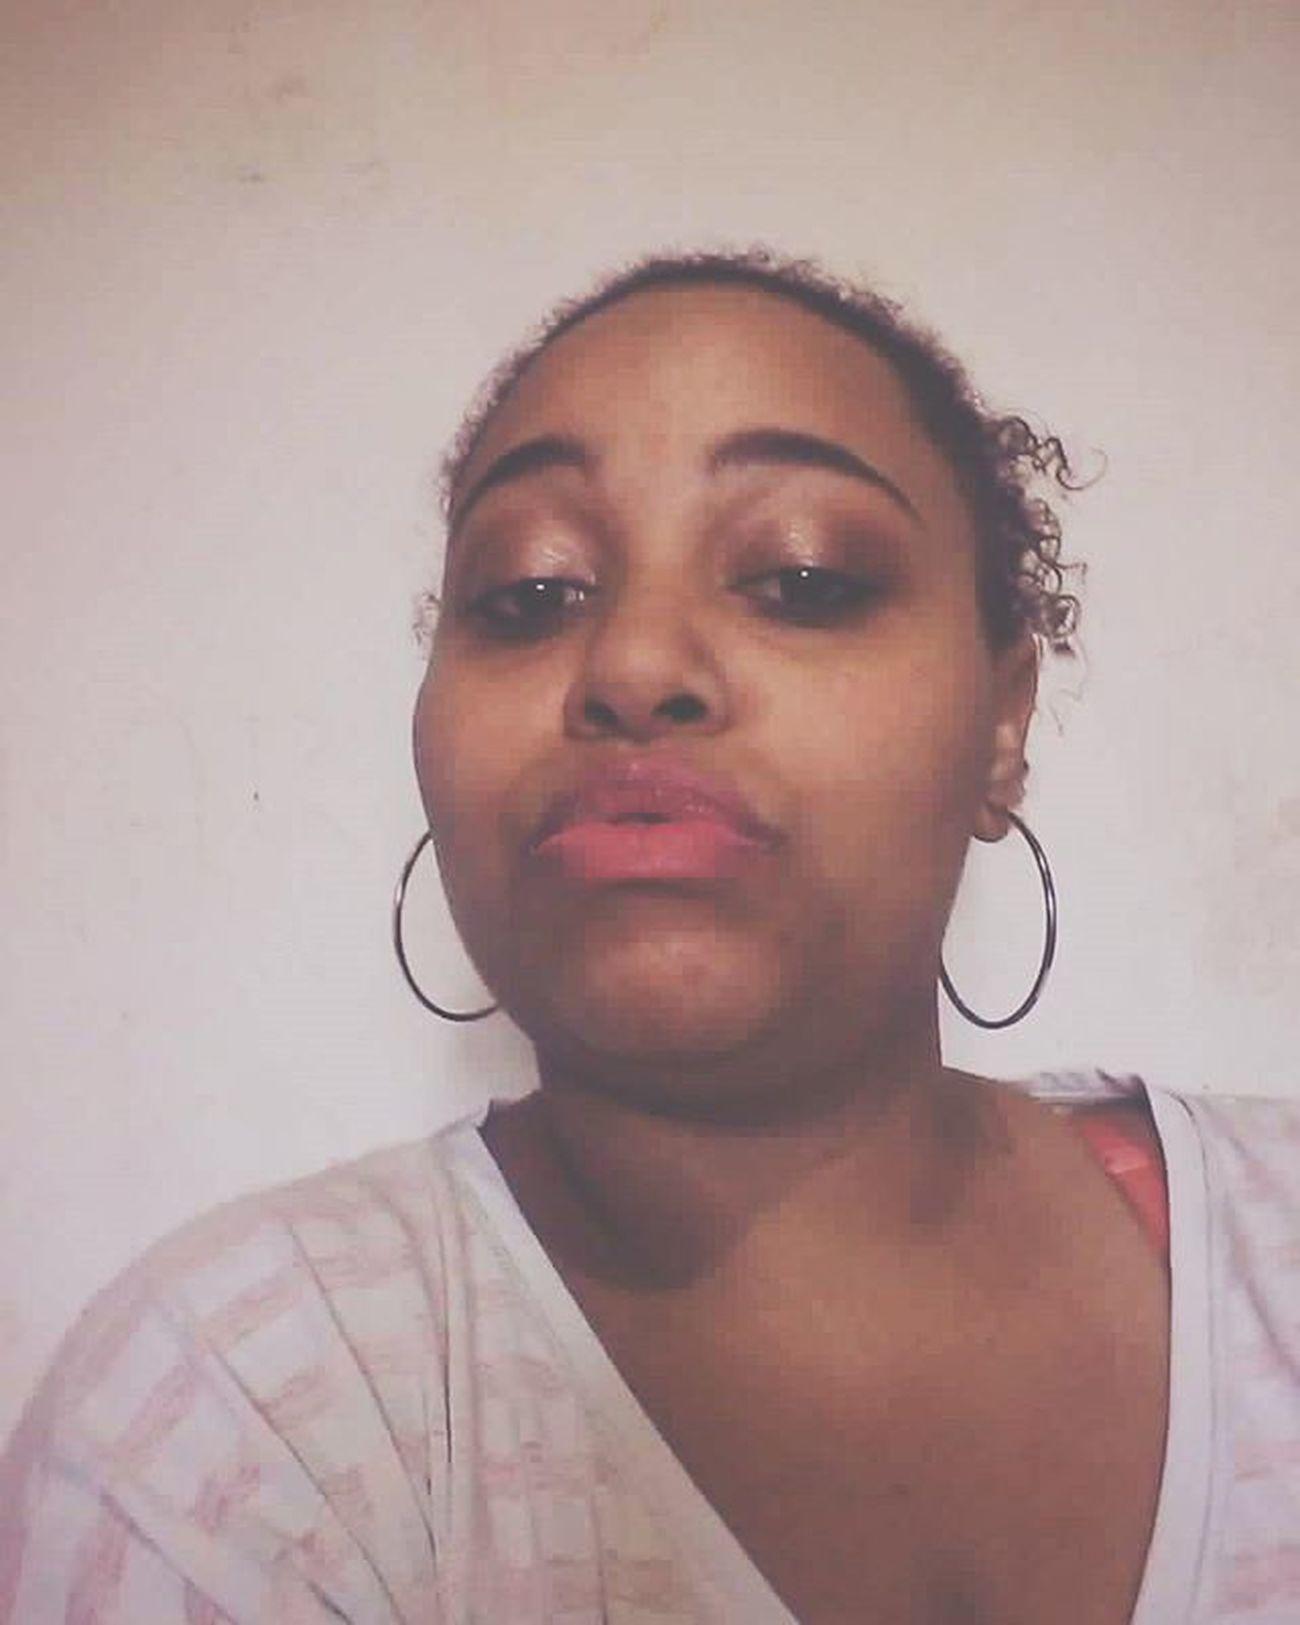 Esqueça os piores momentos da sua vida e faça os melhores se tornarem inesquecível. . . . . . Ahloucaperfeita Bomdia PensamentoDoDia Goodmorning Inxtalove Good Instabgs Instagram Vscobrazil Vscocam Inx05 Selfie Inxtamaio Kkk